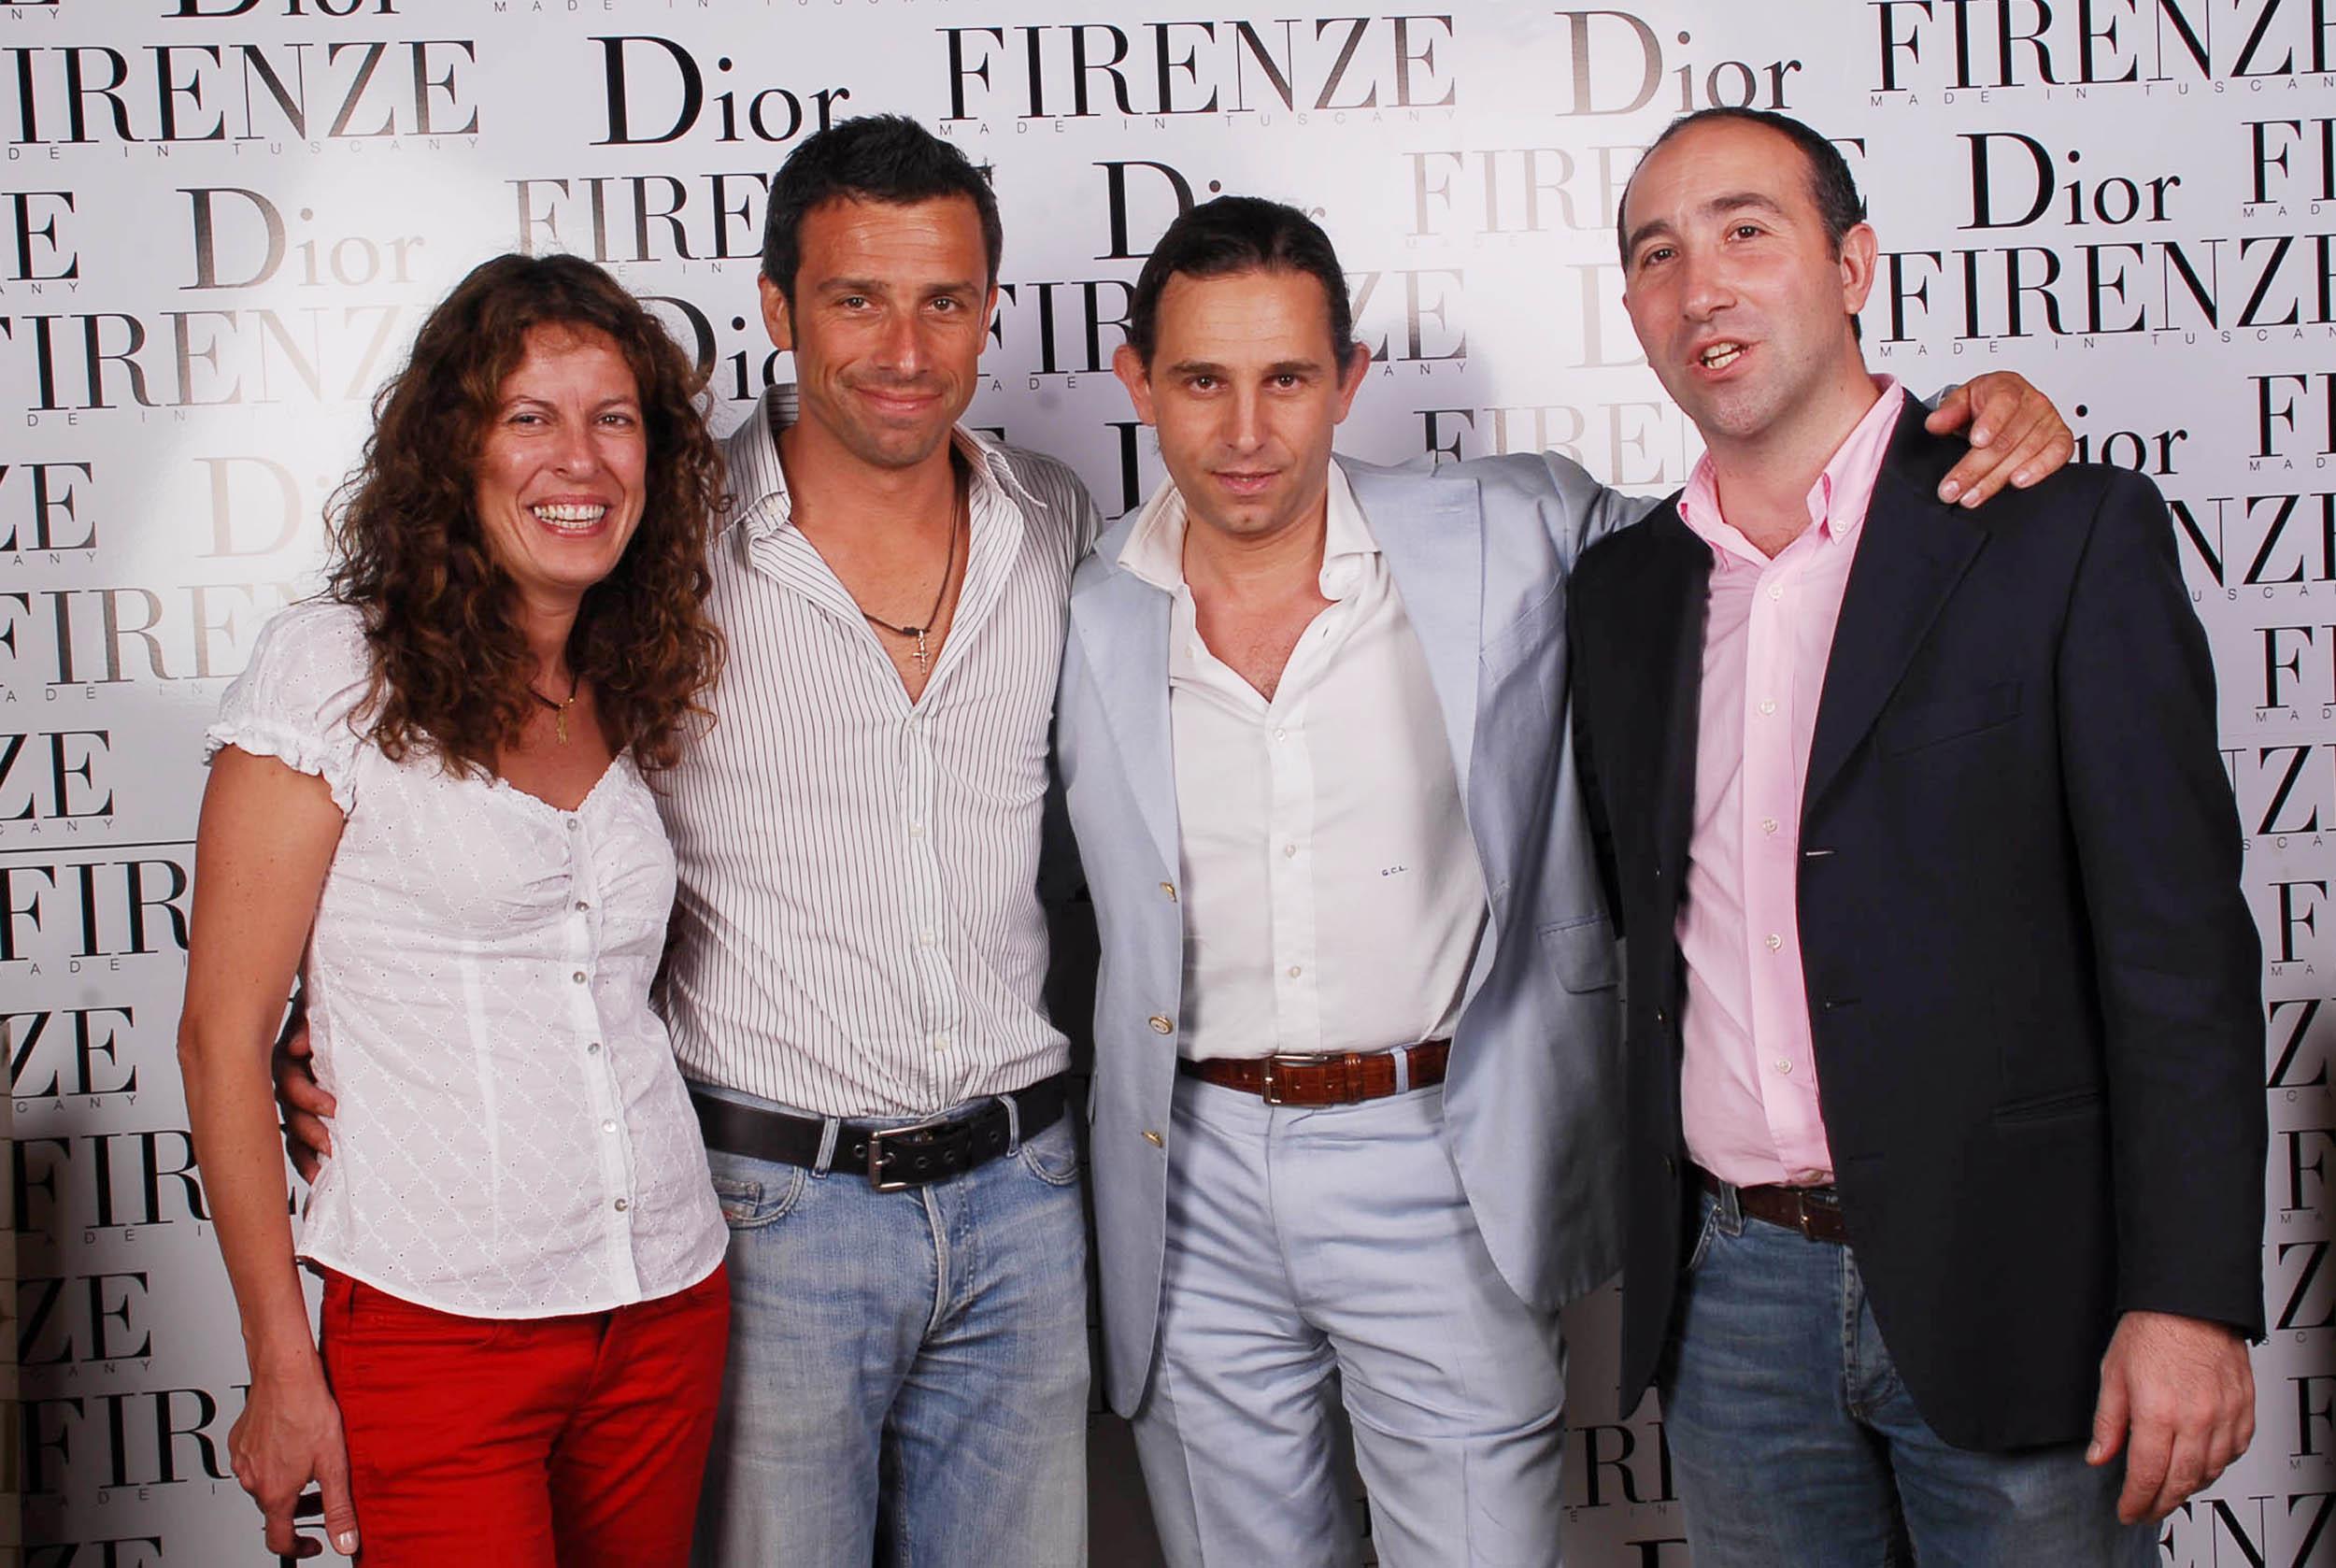 PRESSPHOTO  Firenze, evento Dior al teatro romano di Fiesole. Nella foto Stefano Bosia con Giuseppe ingria, Francesca e Nicola Mondaini